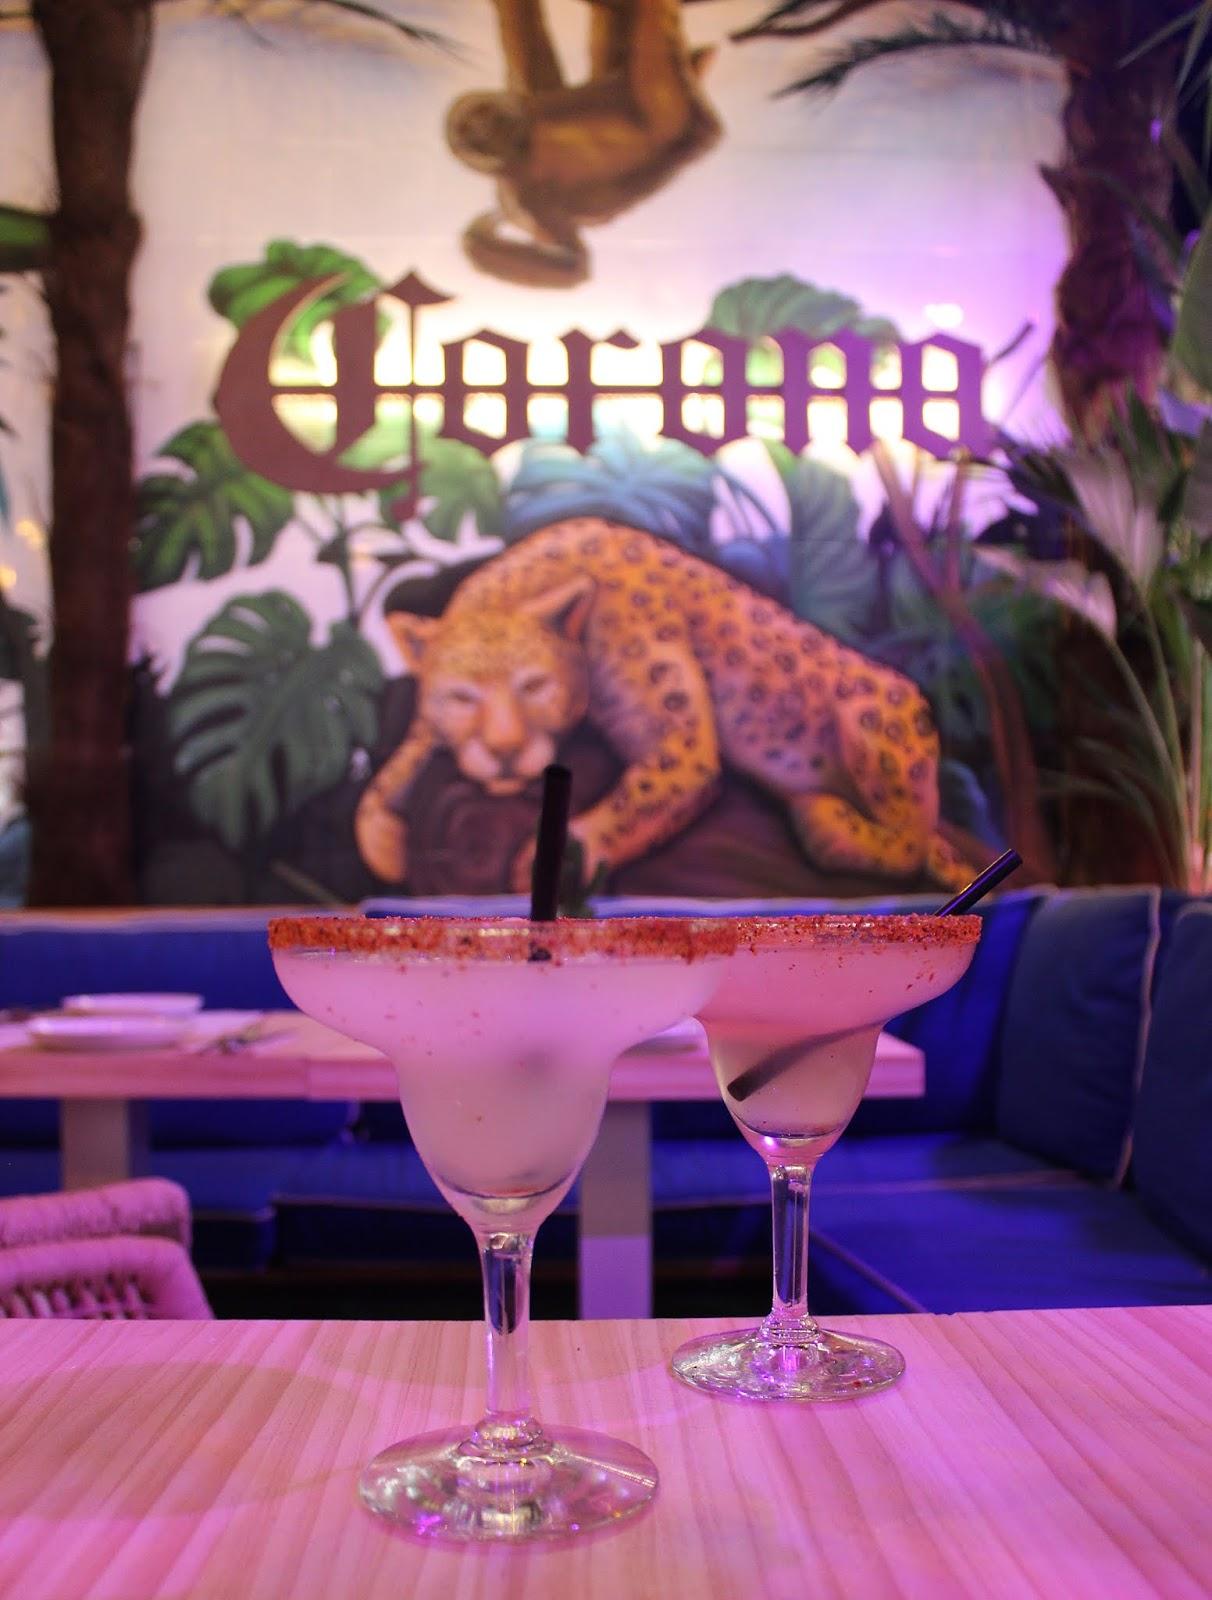 gracias padre jungle club restaurante mexicano madrid